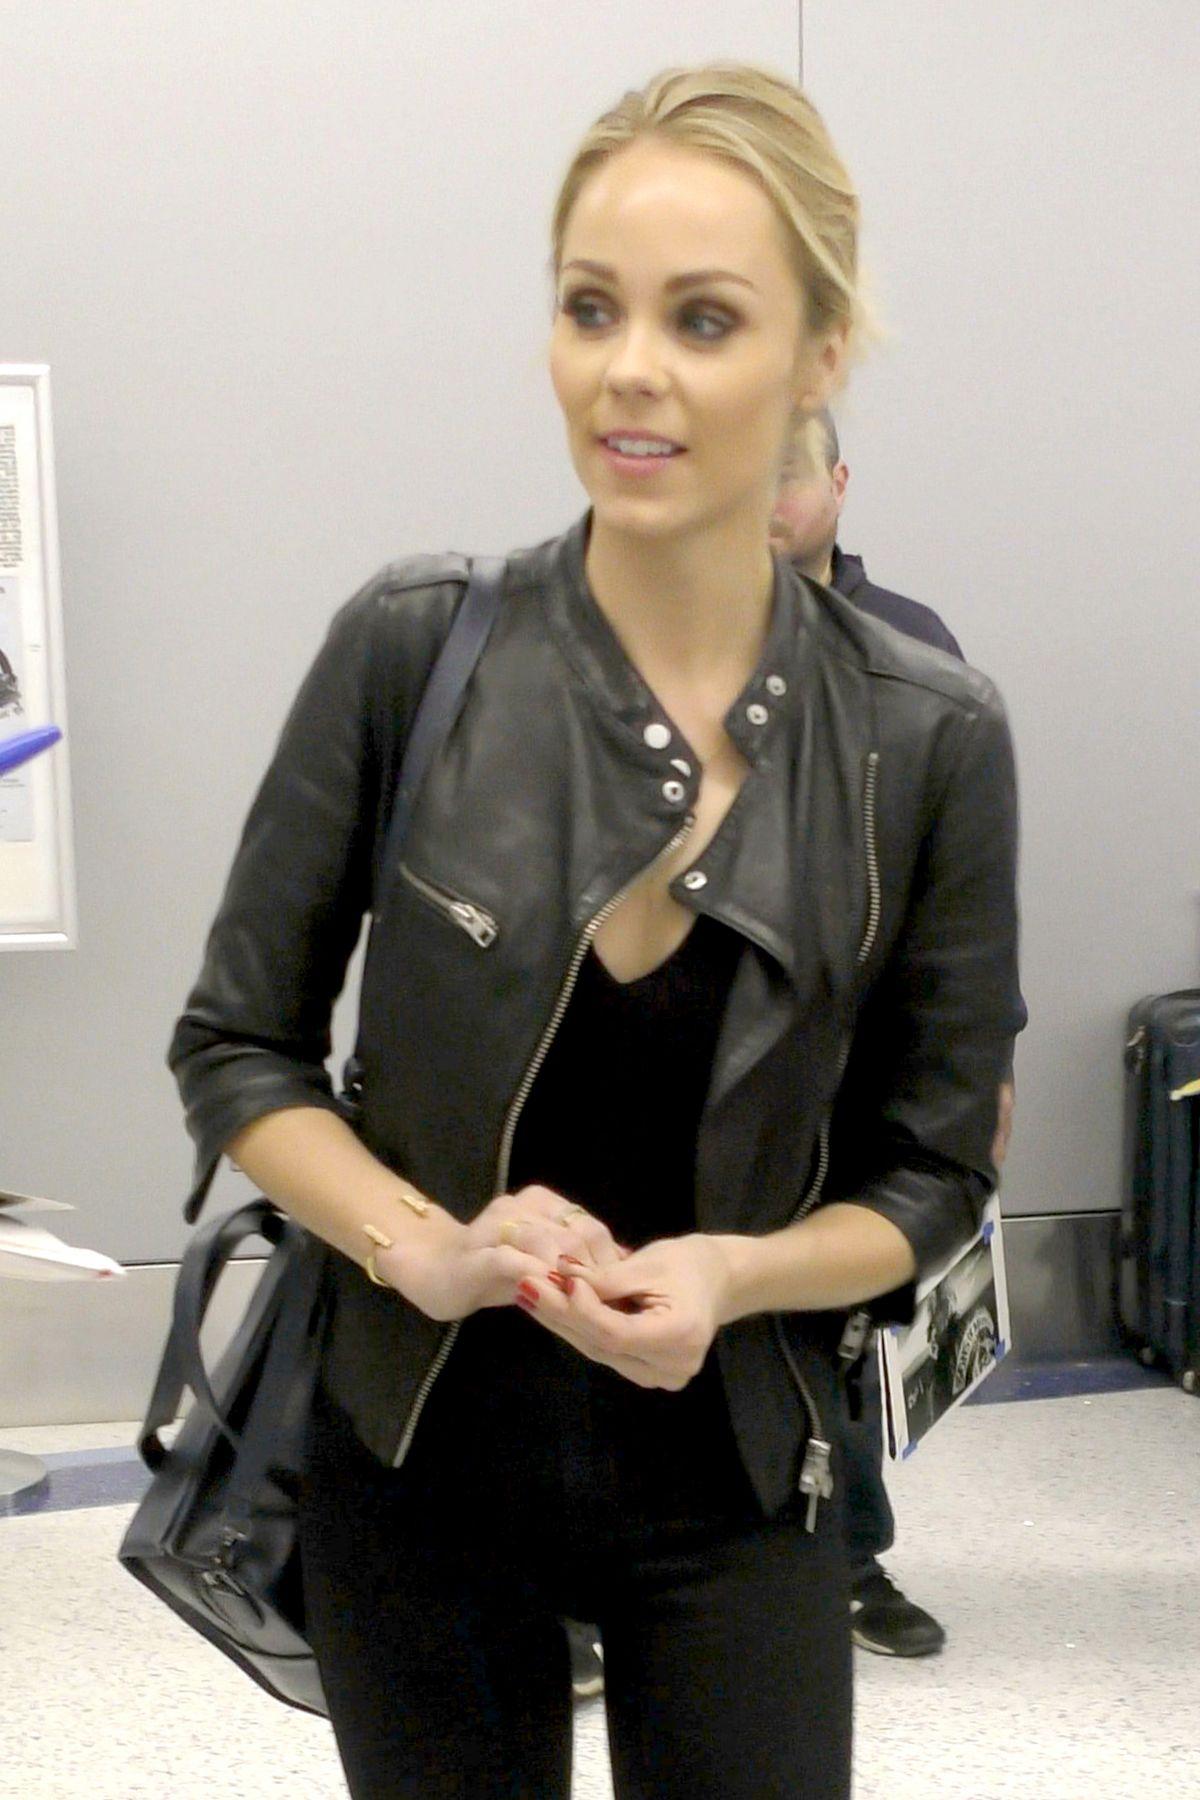 LAURA VANDERVOORT at LAX Airport in Los Angeles 05/29/2016